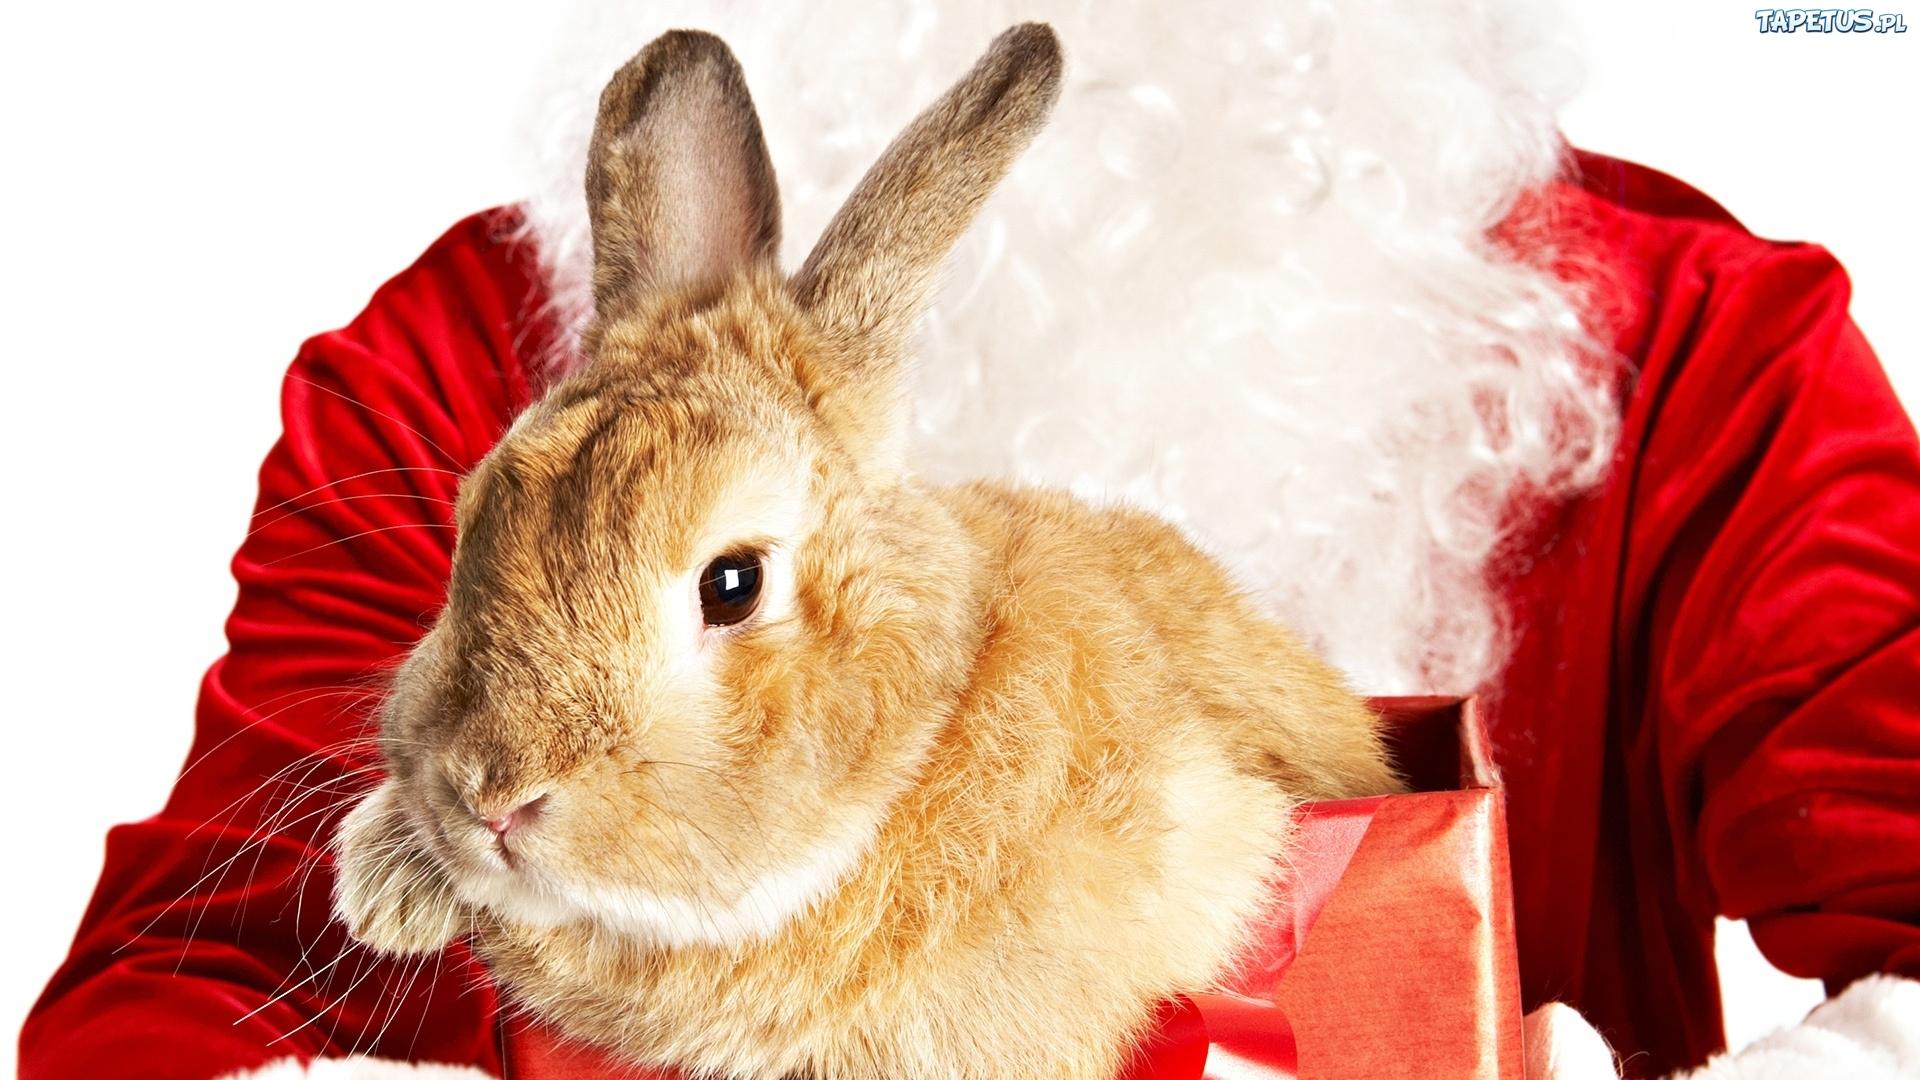 зайцы подарки новый год анонимно